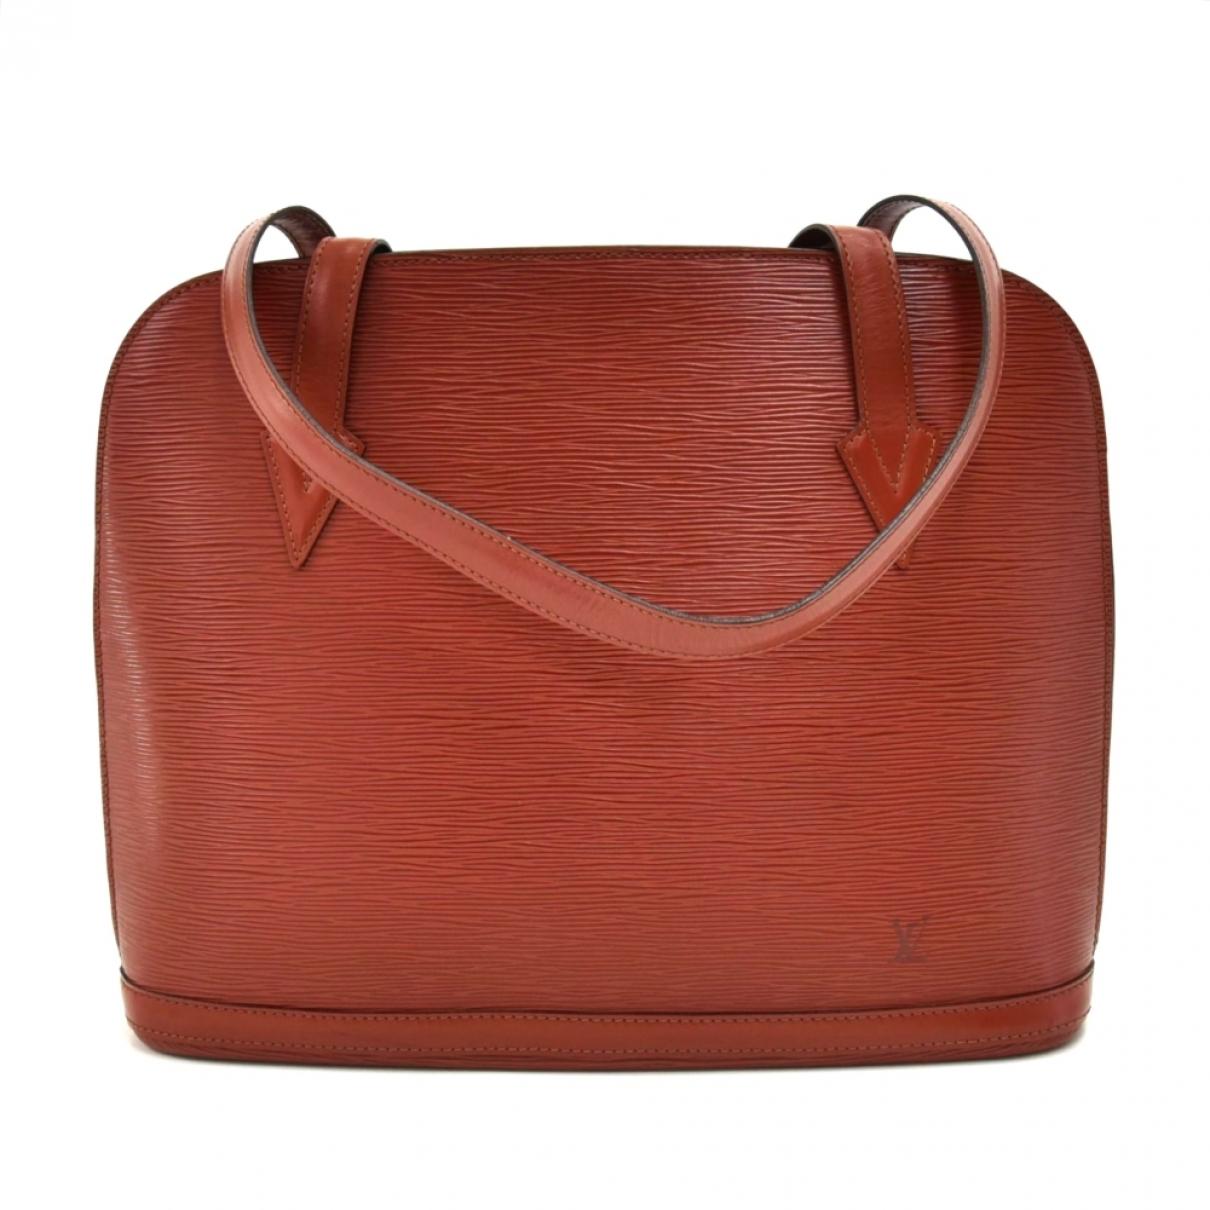 Louis Vuitton Lussac Handtasche in  Braun Leder